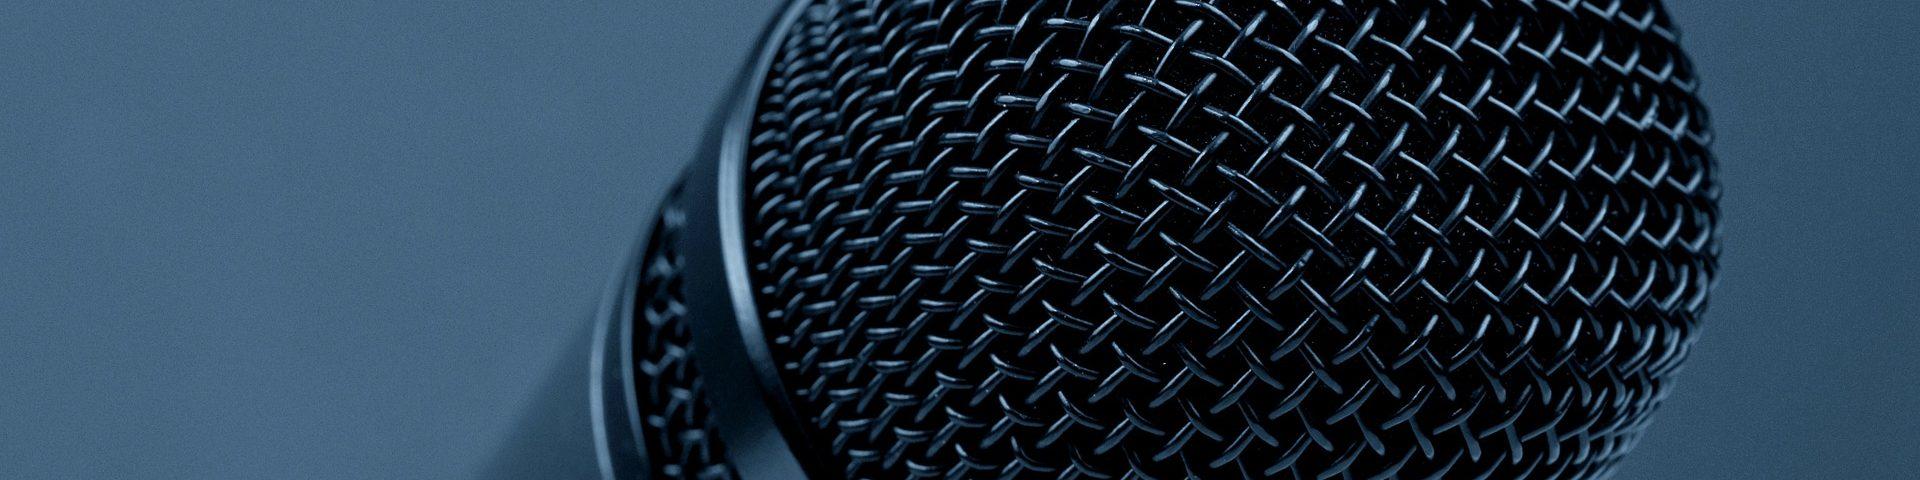 Mirobeats: Beats und Music für die Seele